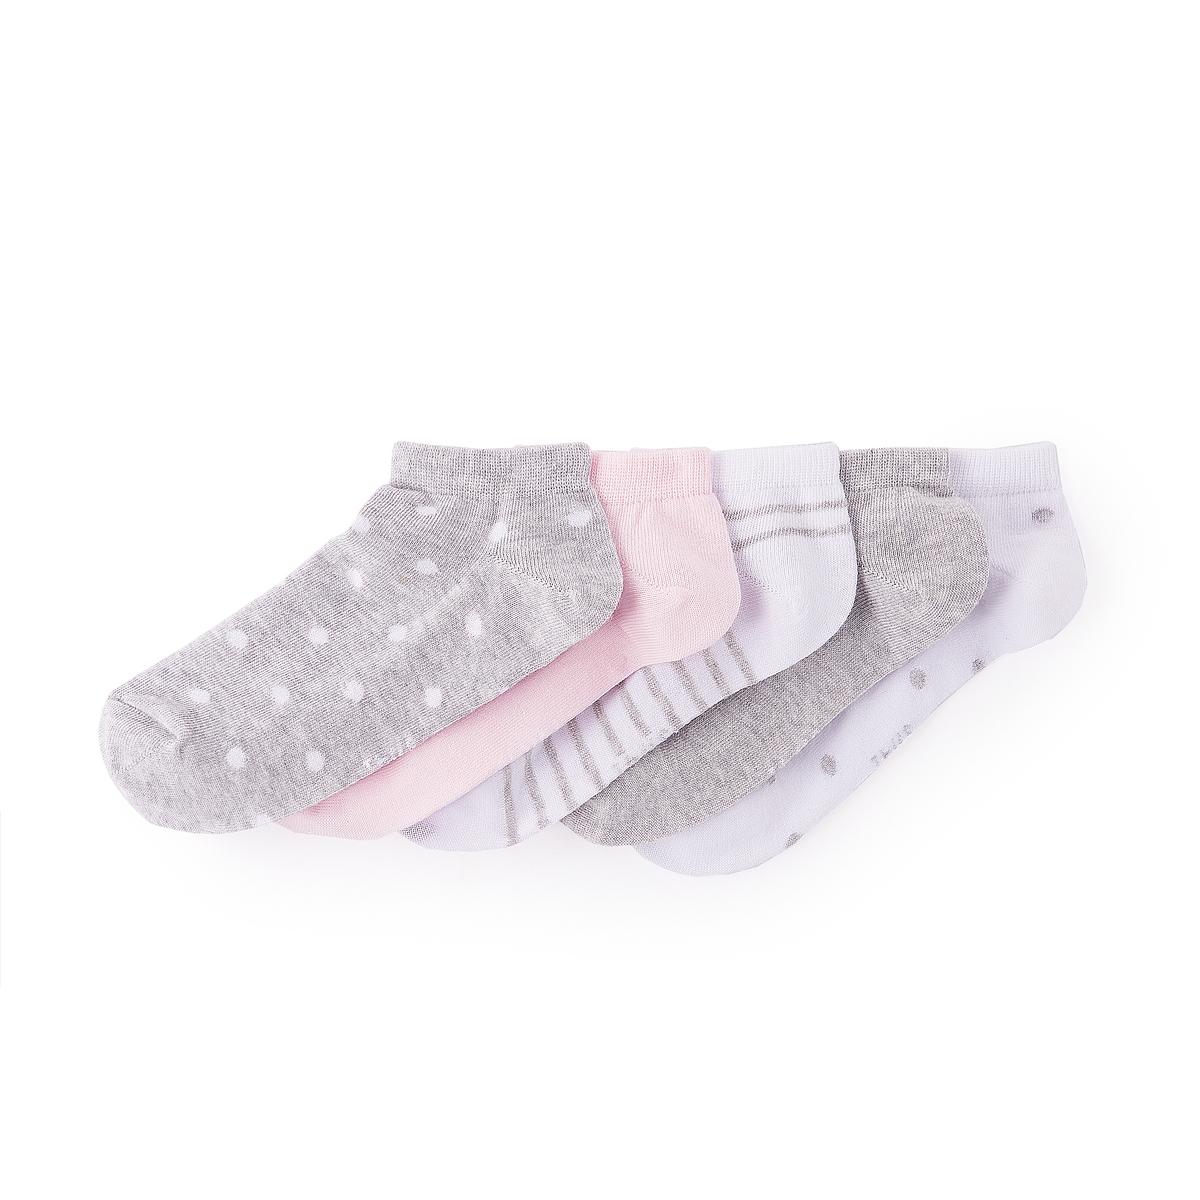 Комплект из 5 пар носков комплект из 5 пар коротких носков из хлопка